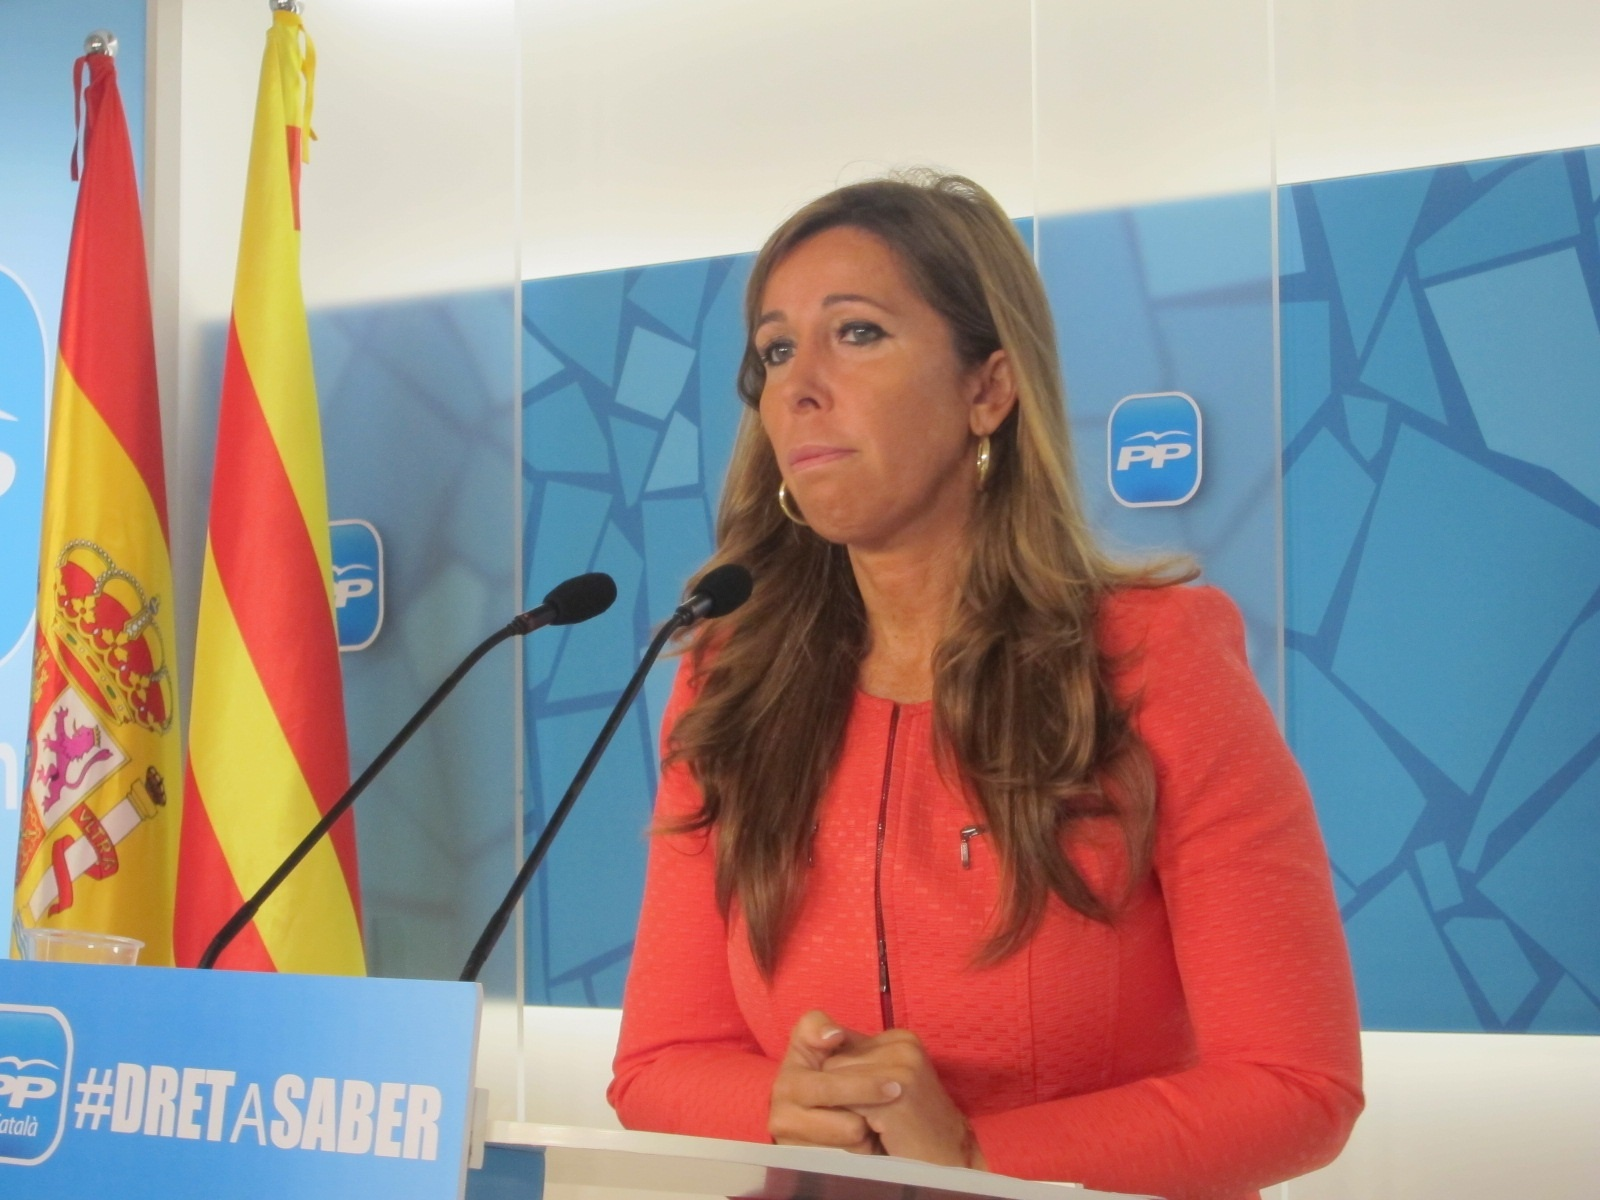 Sánchez-Camacho reclama que los beneficios del libro publicado por el director de Método3 sirvan para indemnizarla